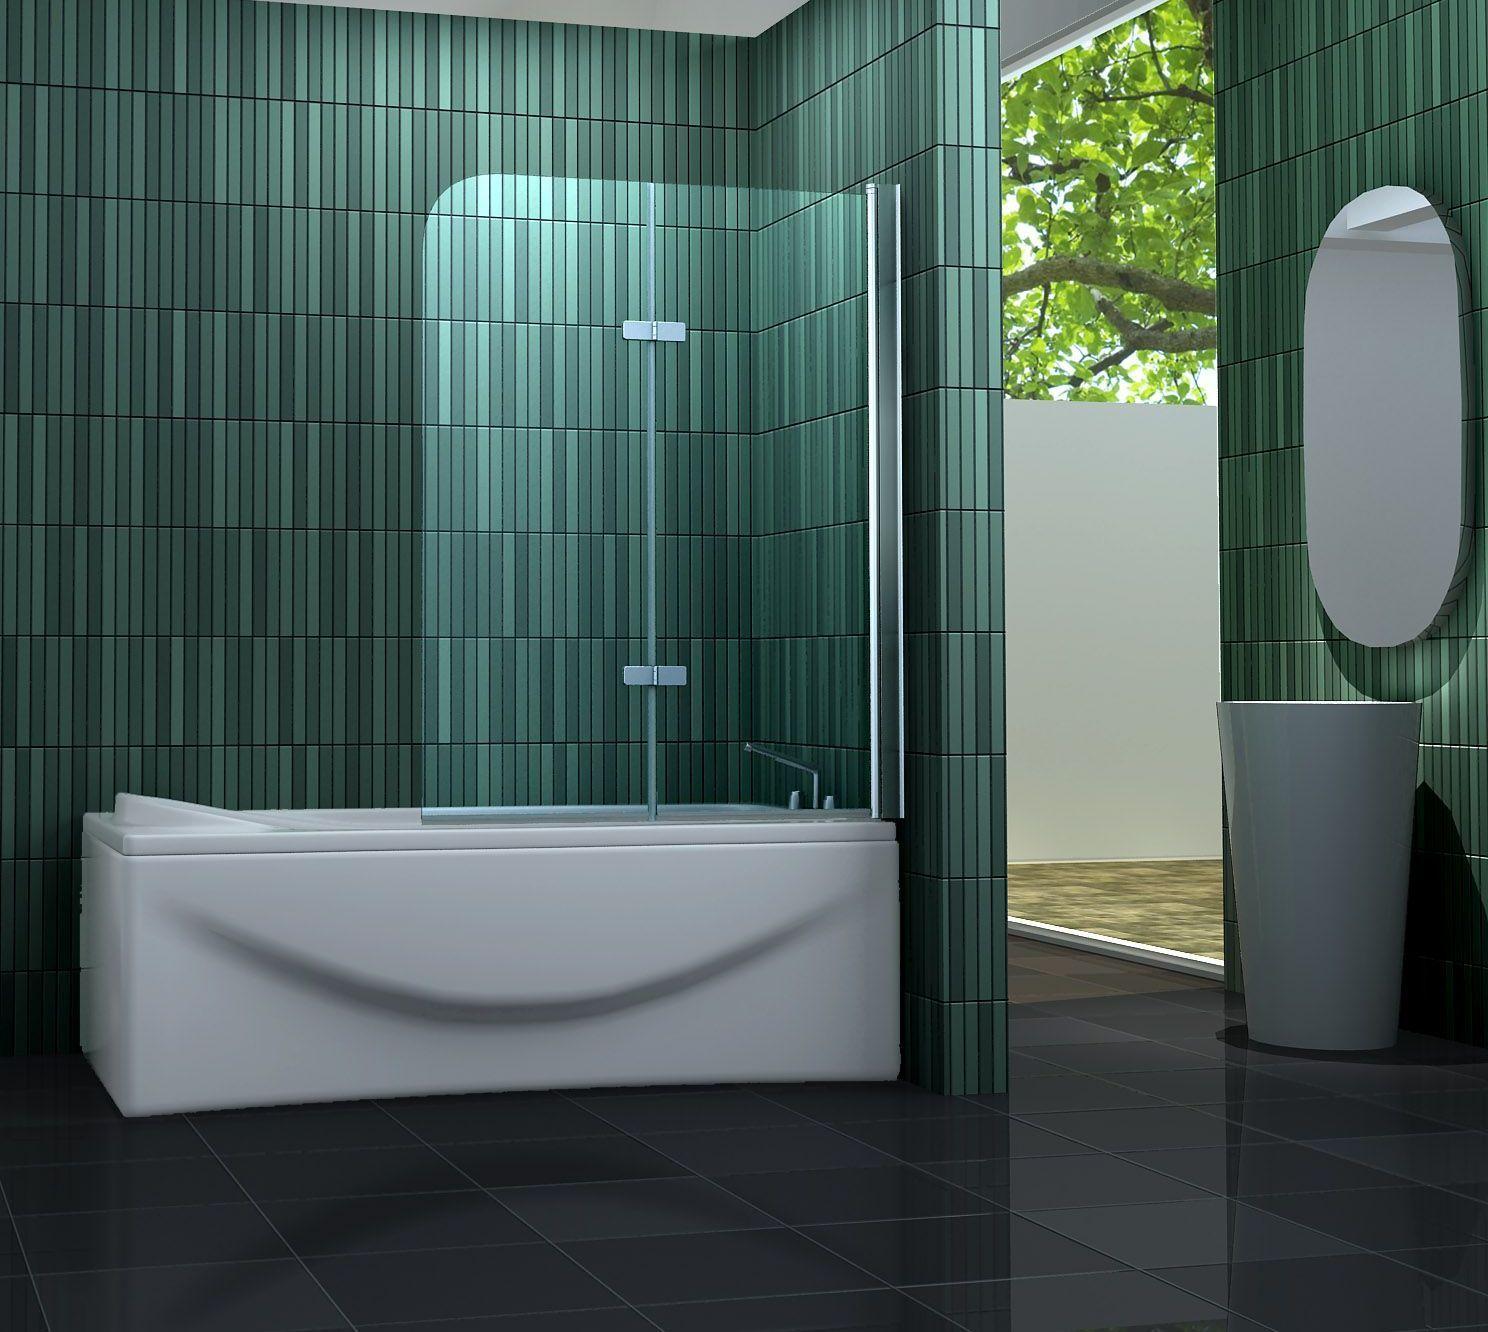 Duschabtrennung Für Badewanne duschabtrennung badewanne glas faltbar apartments